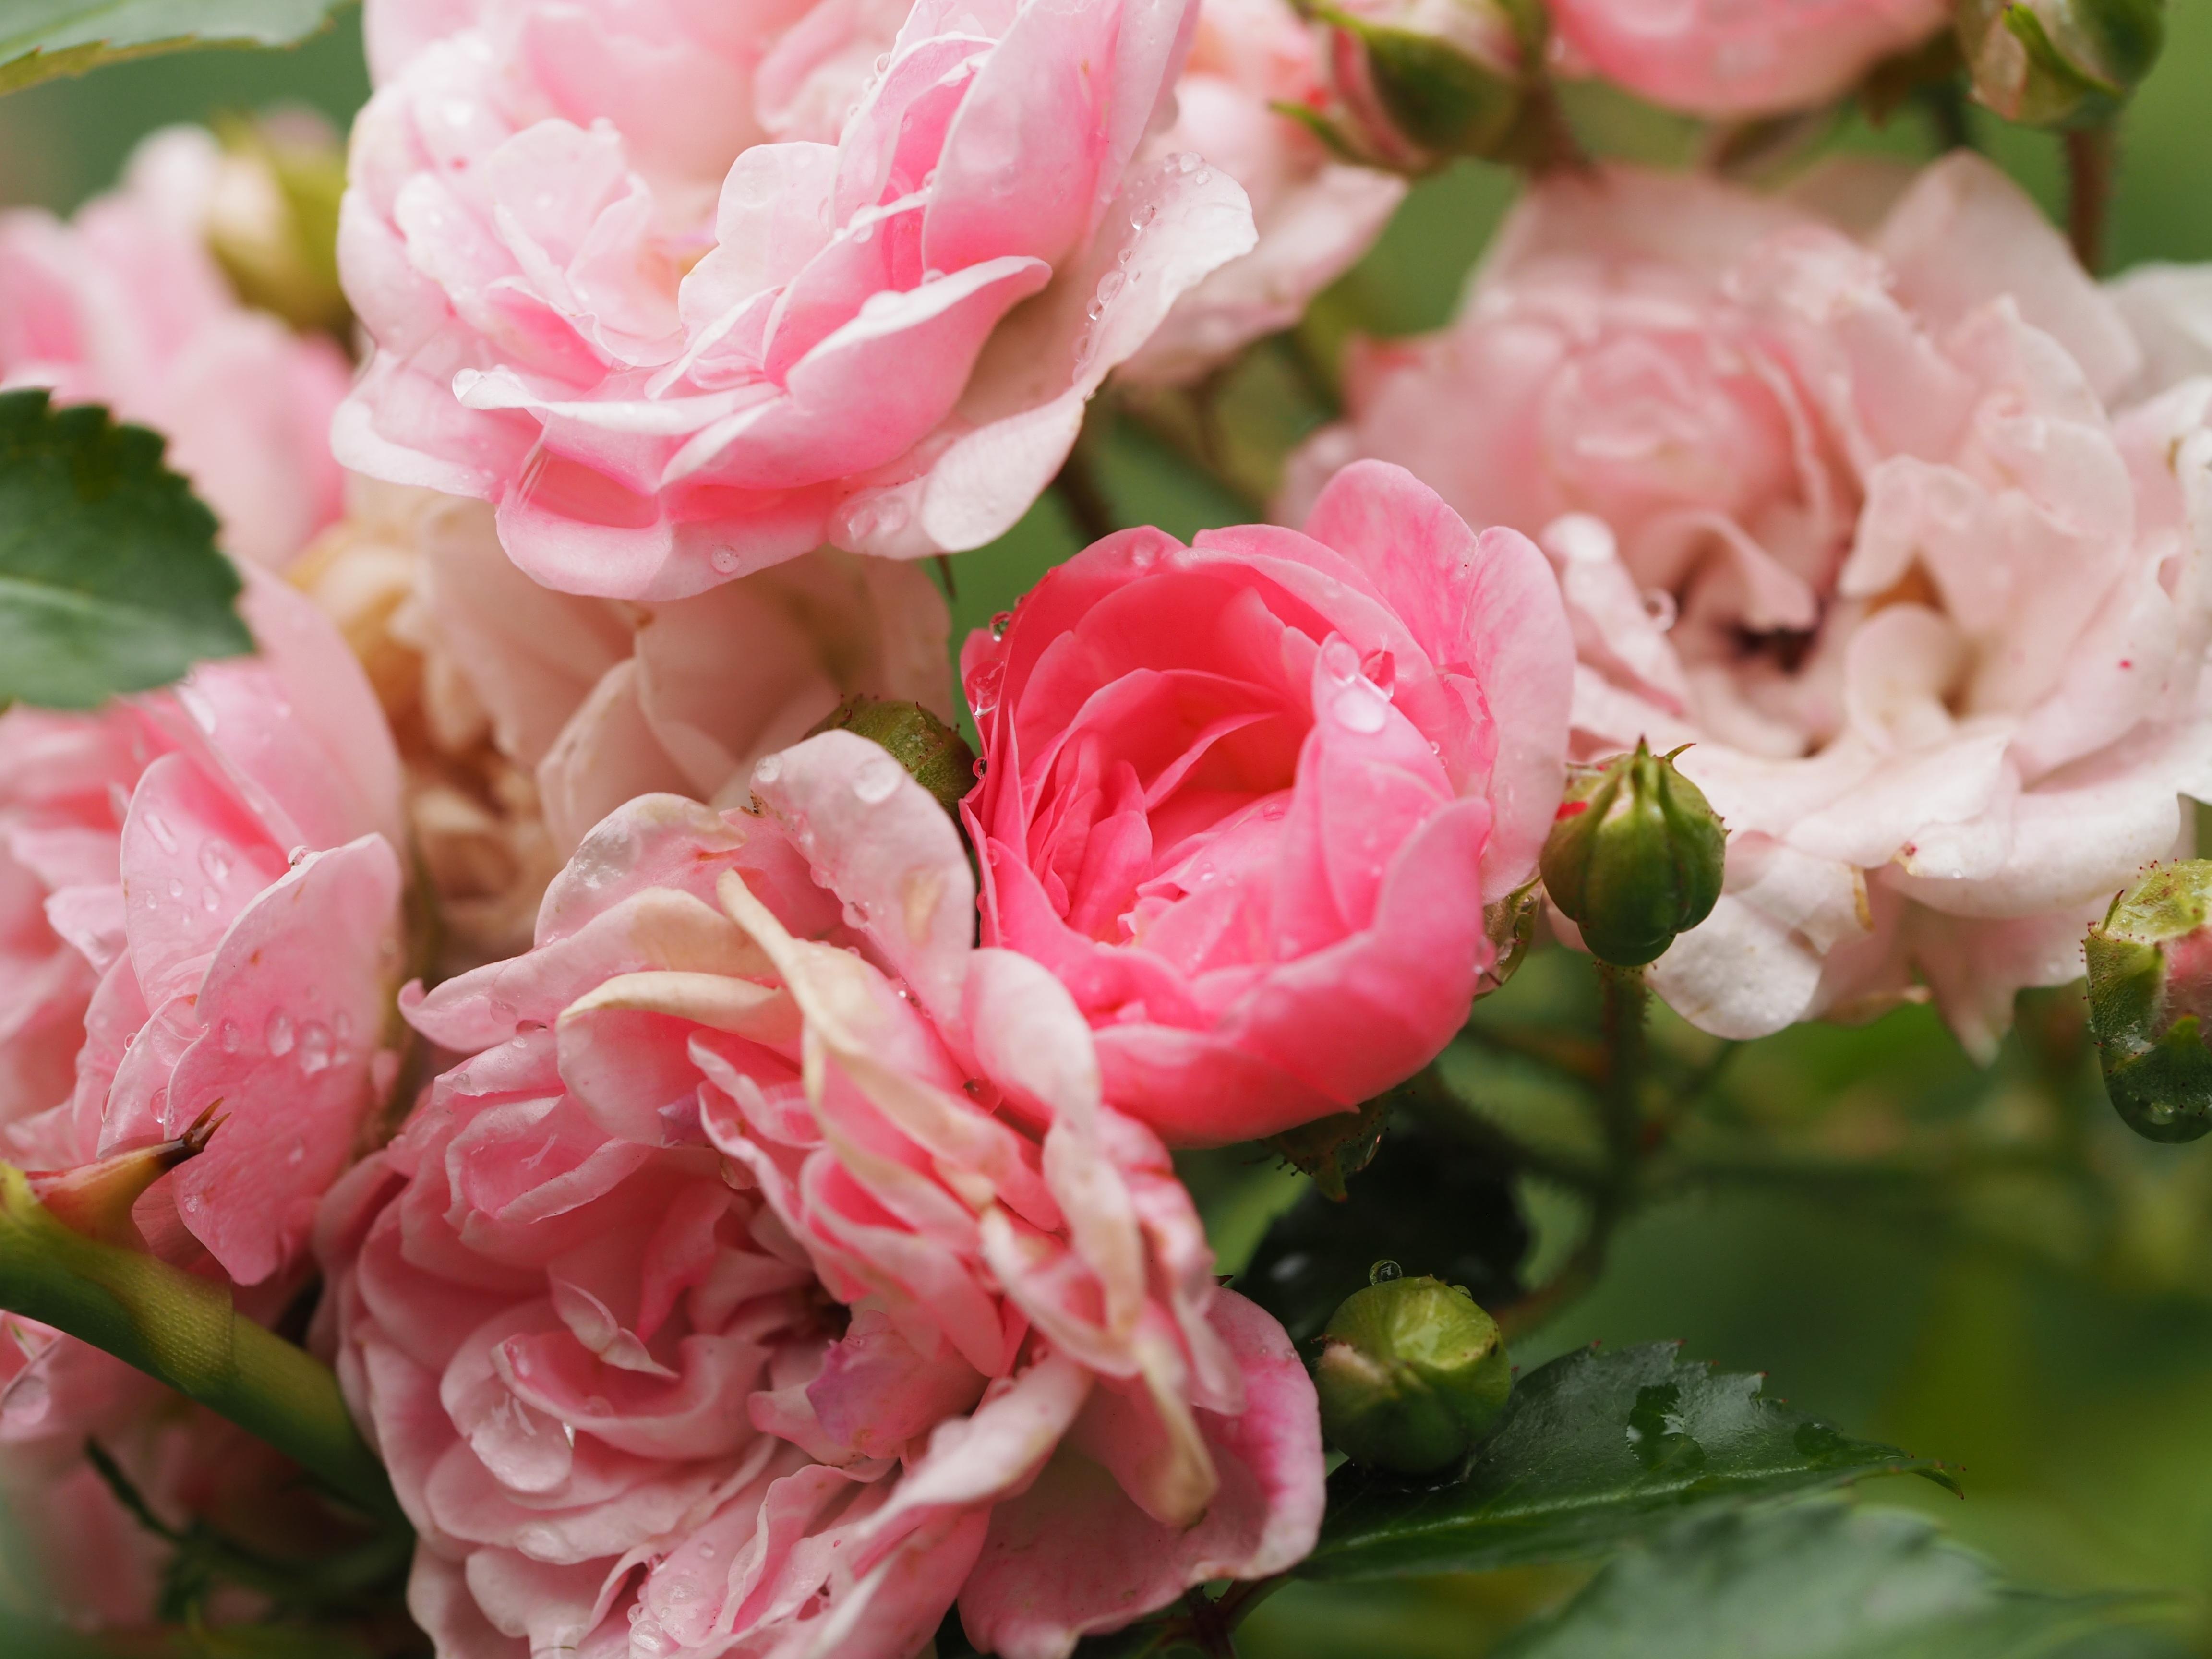 rose-2658659